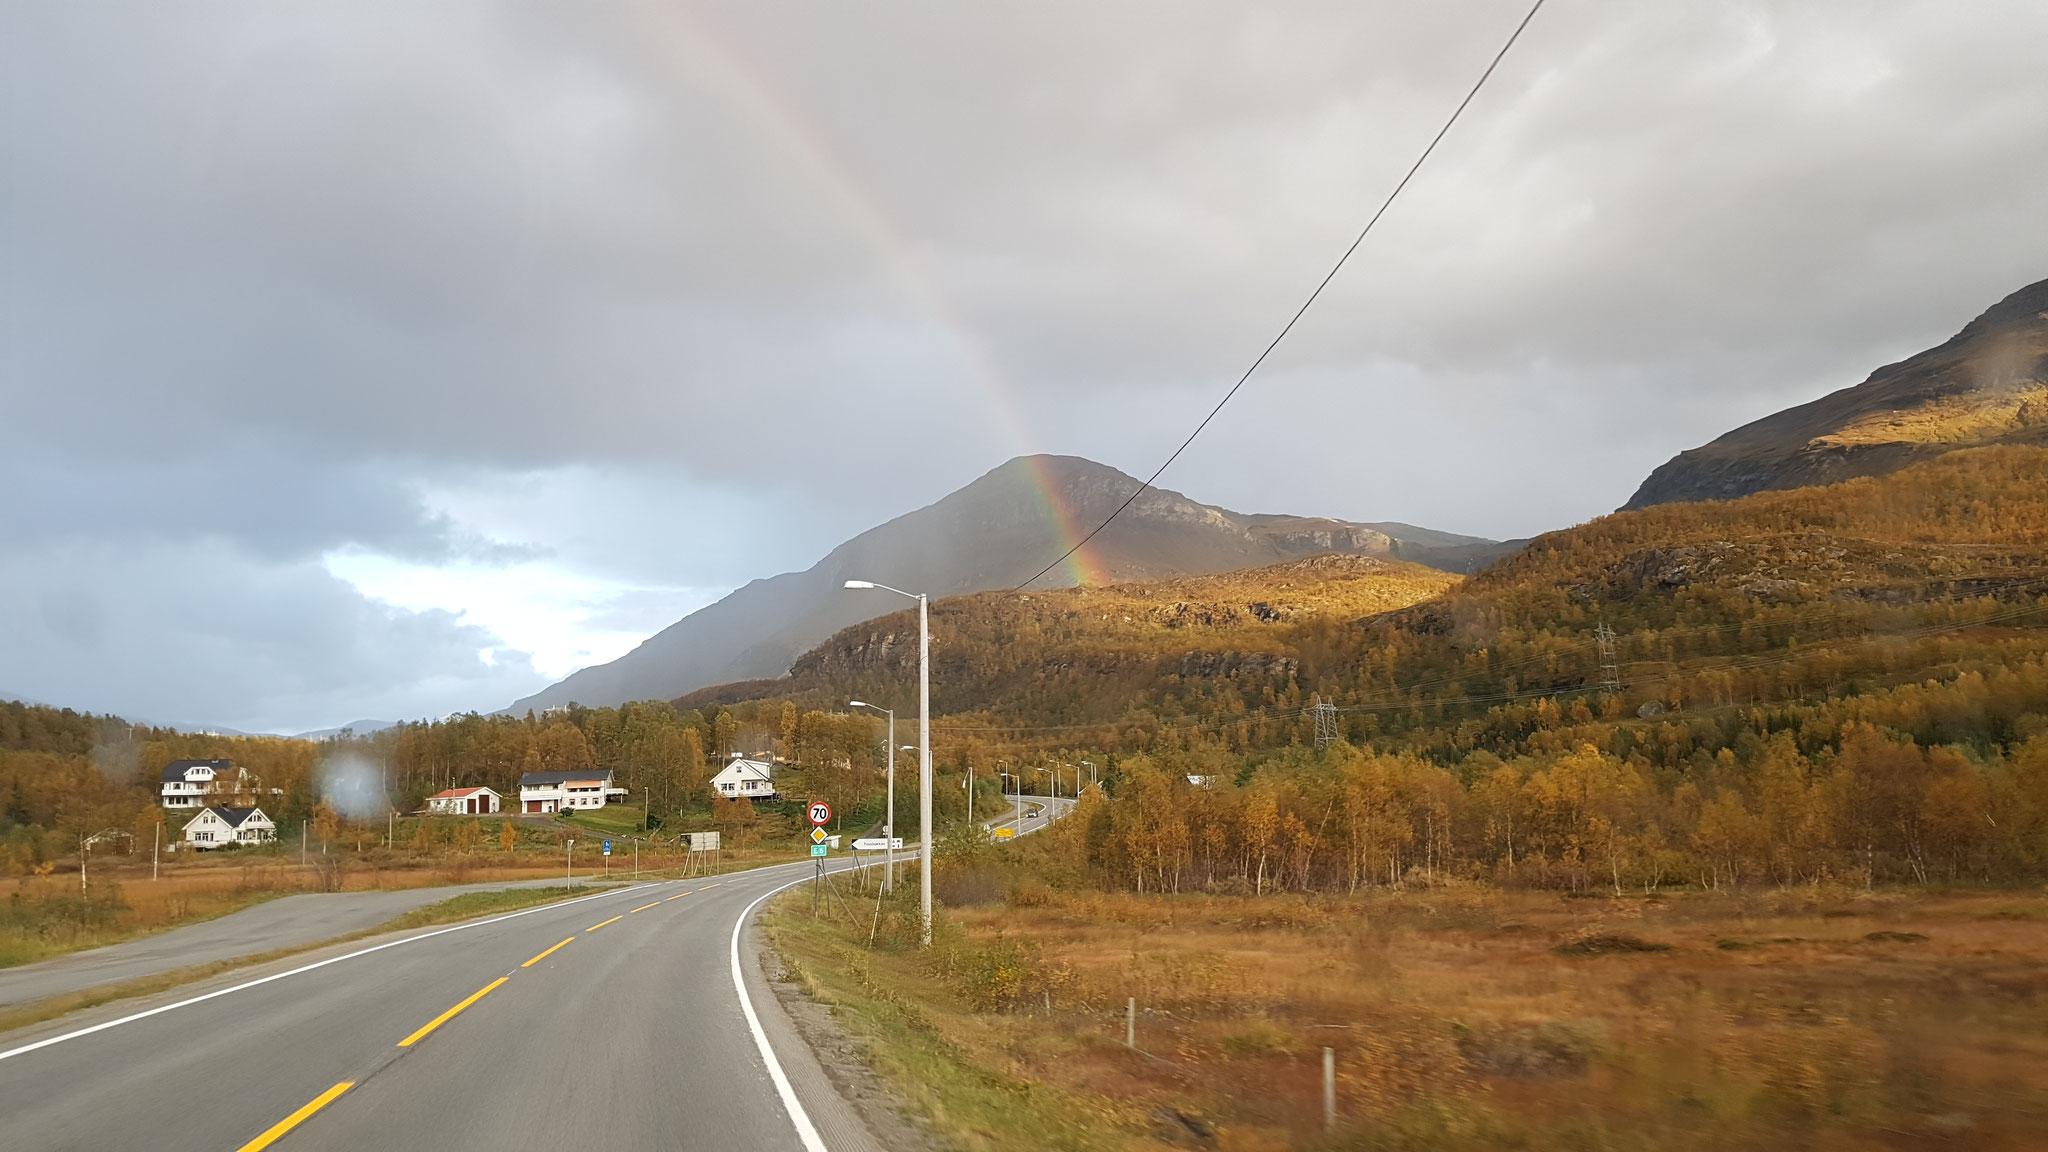 Ein weiterer Regenbogen begleitet uns